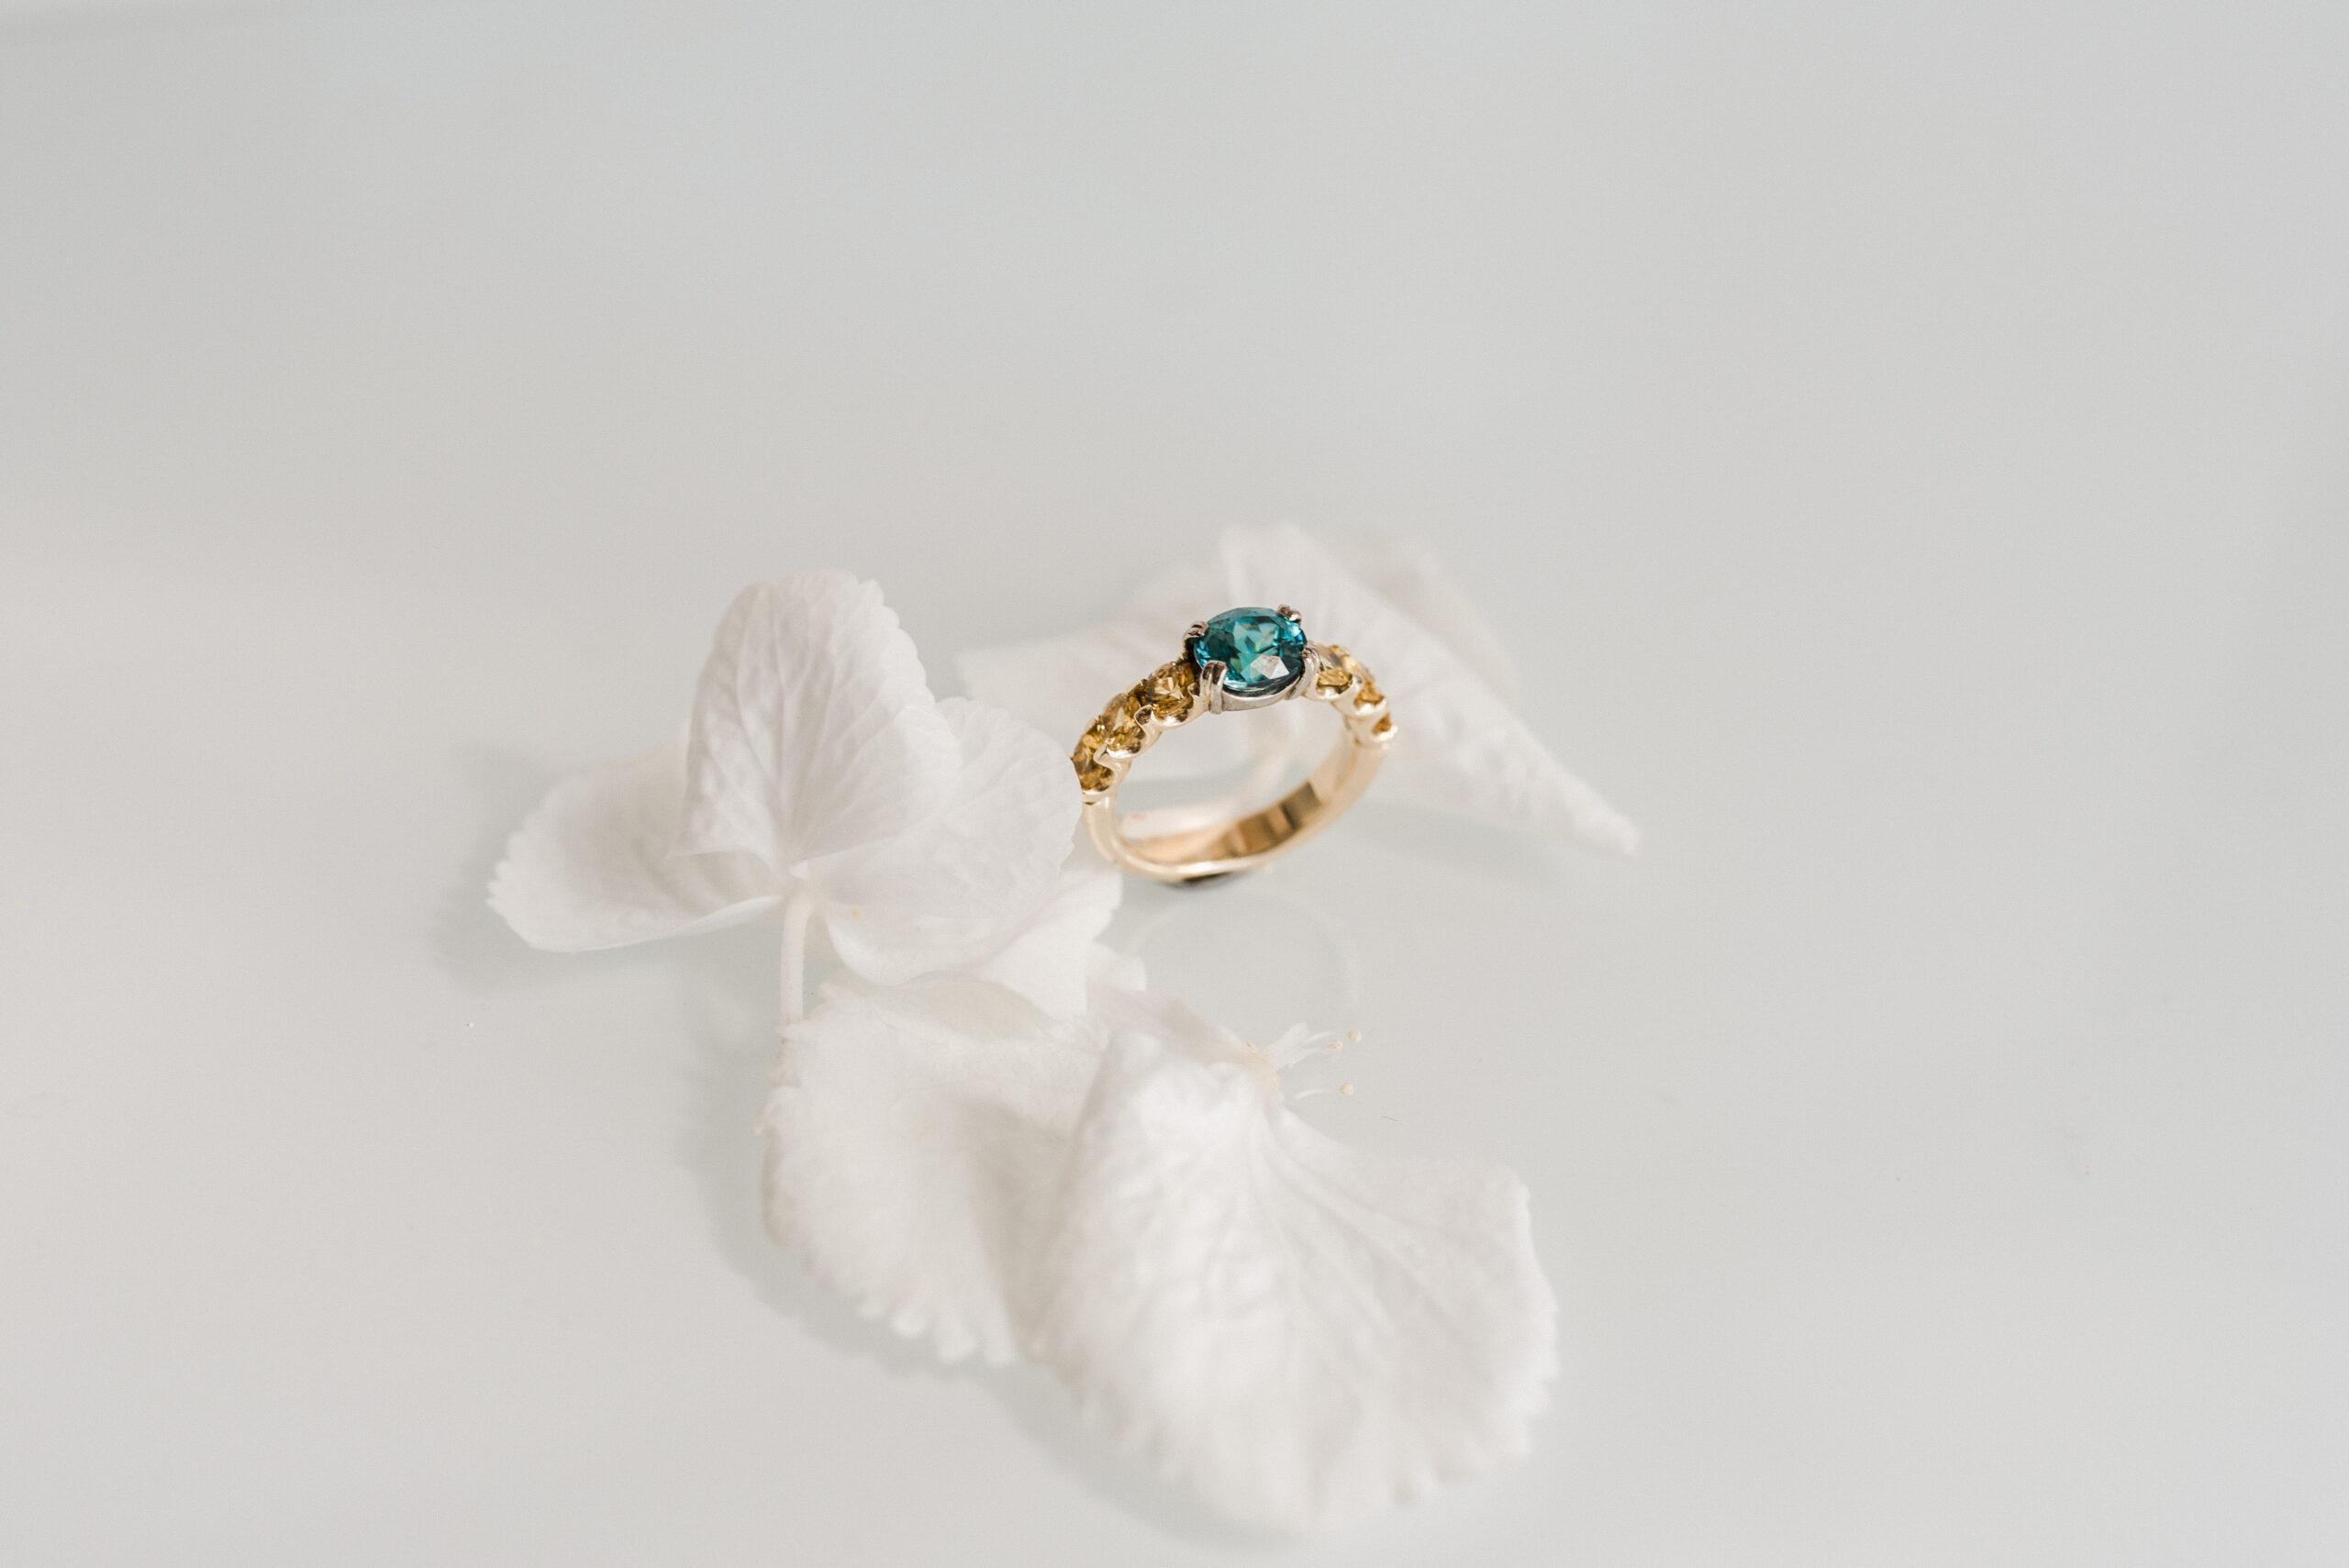 Onze ring uit eigen collectie: Daniella | Robbert Juwelier Den Haag